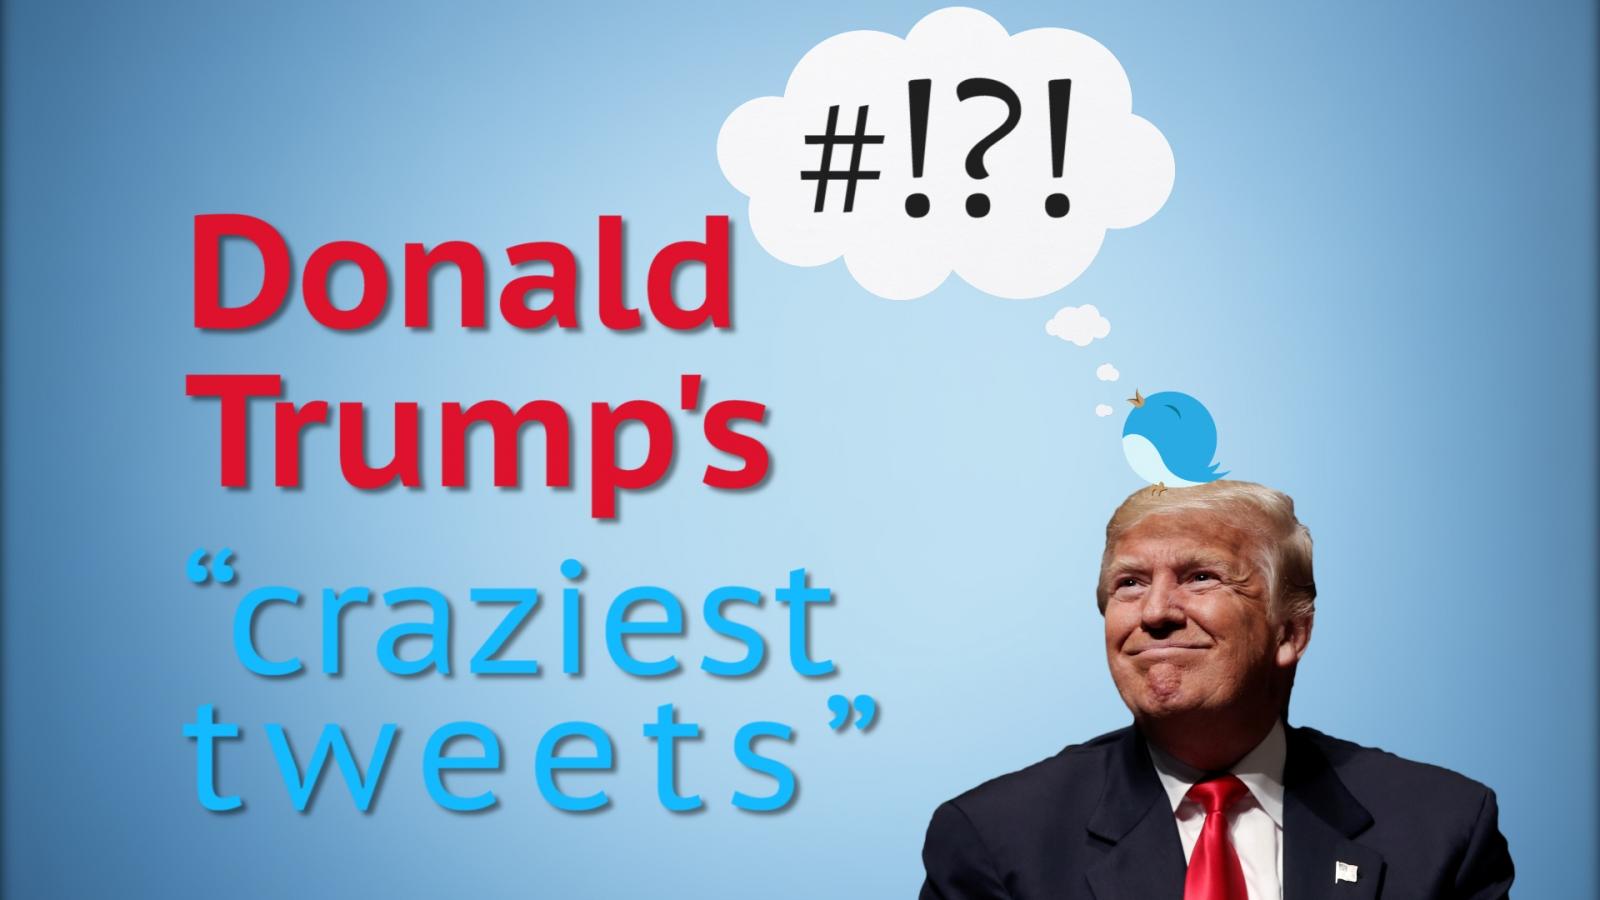 Donald Trump's craziest tweets